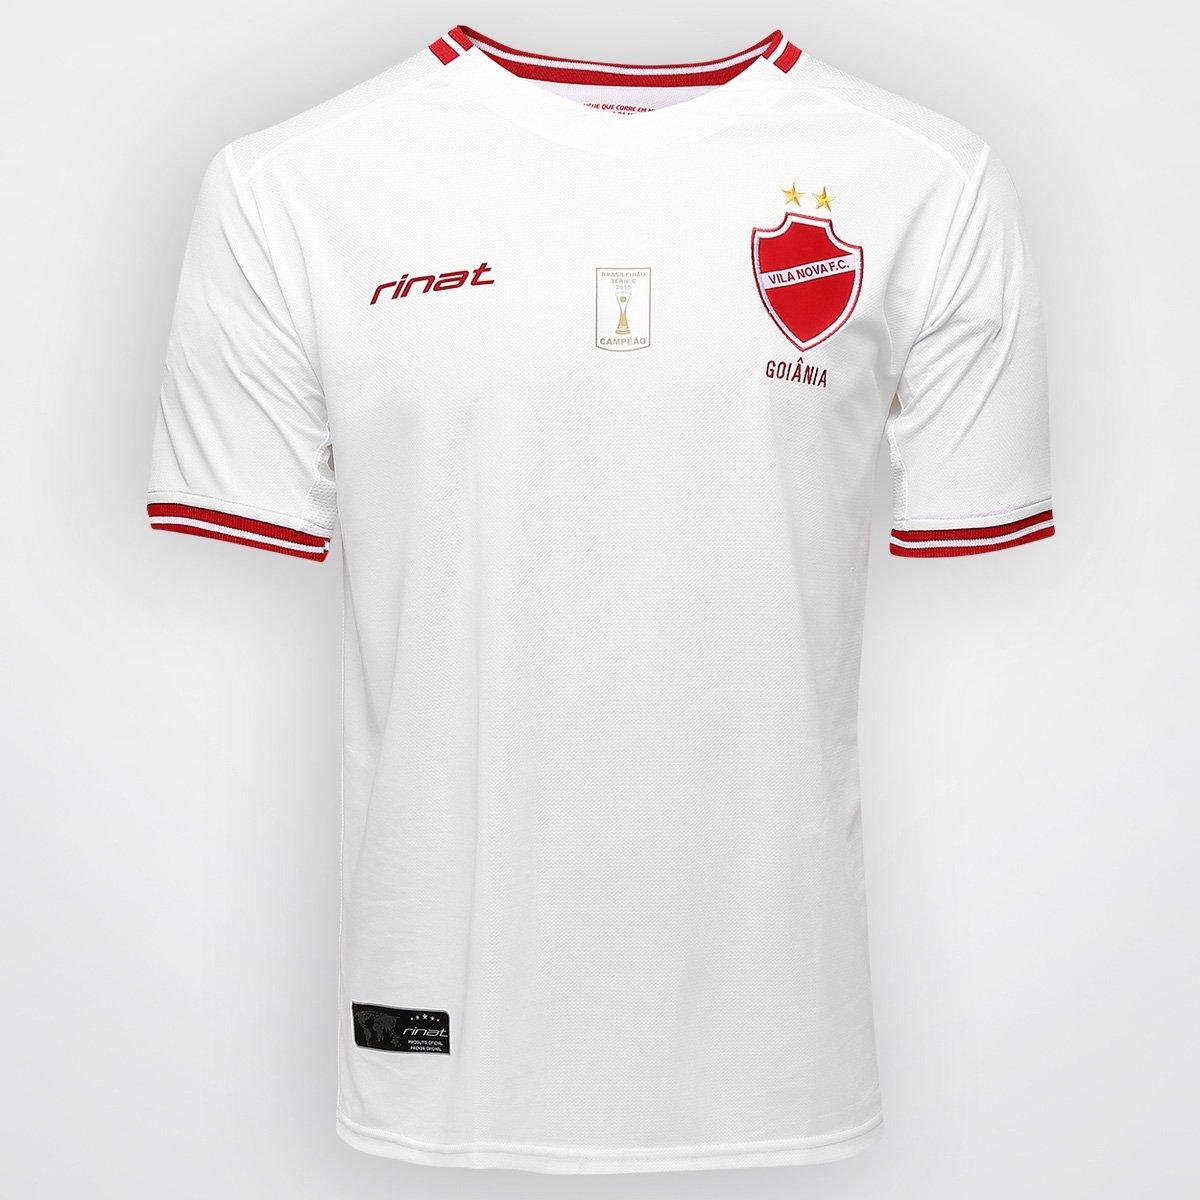 300dd5c351 Camisa Rinat Vila Nova II 2016 s nº - Jogador - Compre Agora